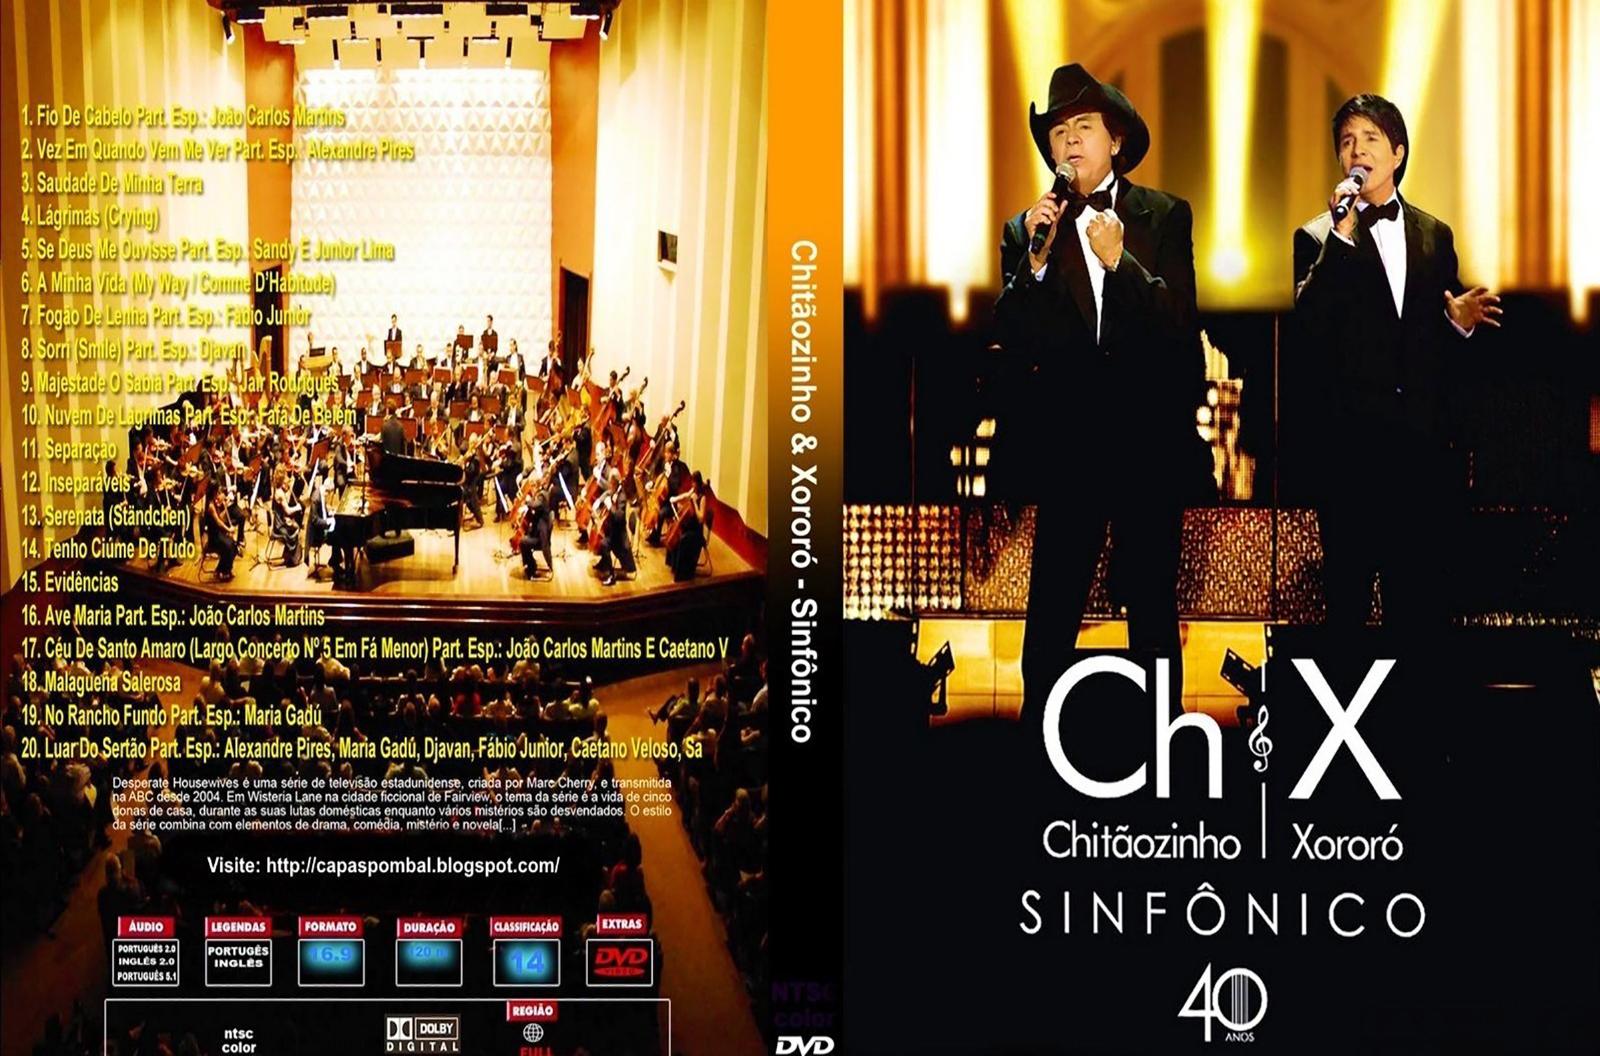 cd chitaozinho e xororo 40 anos audio dvd